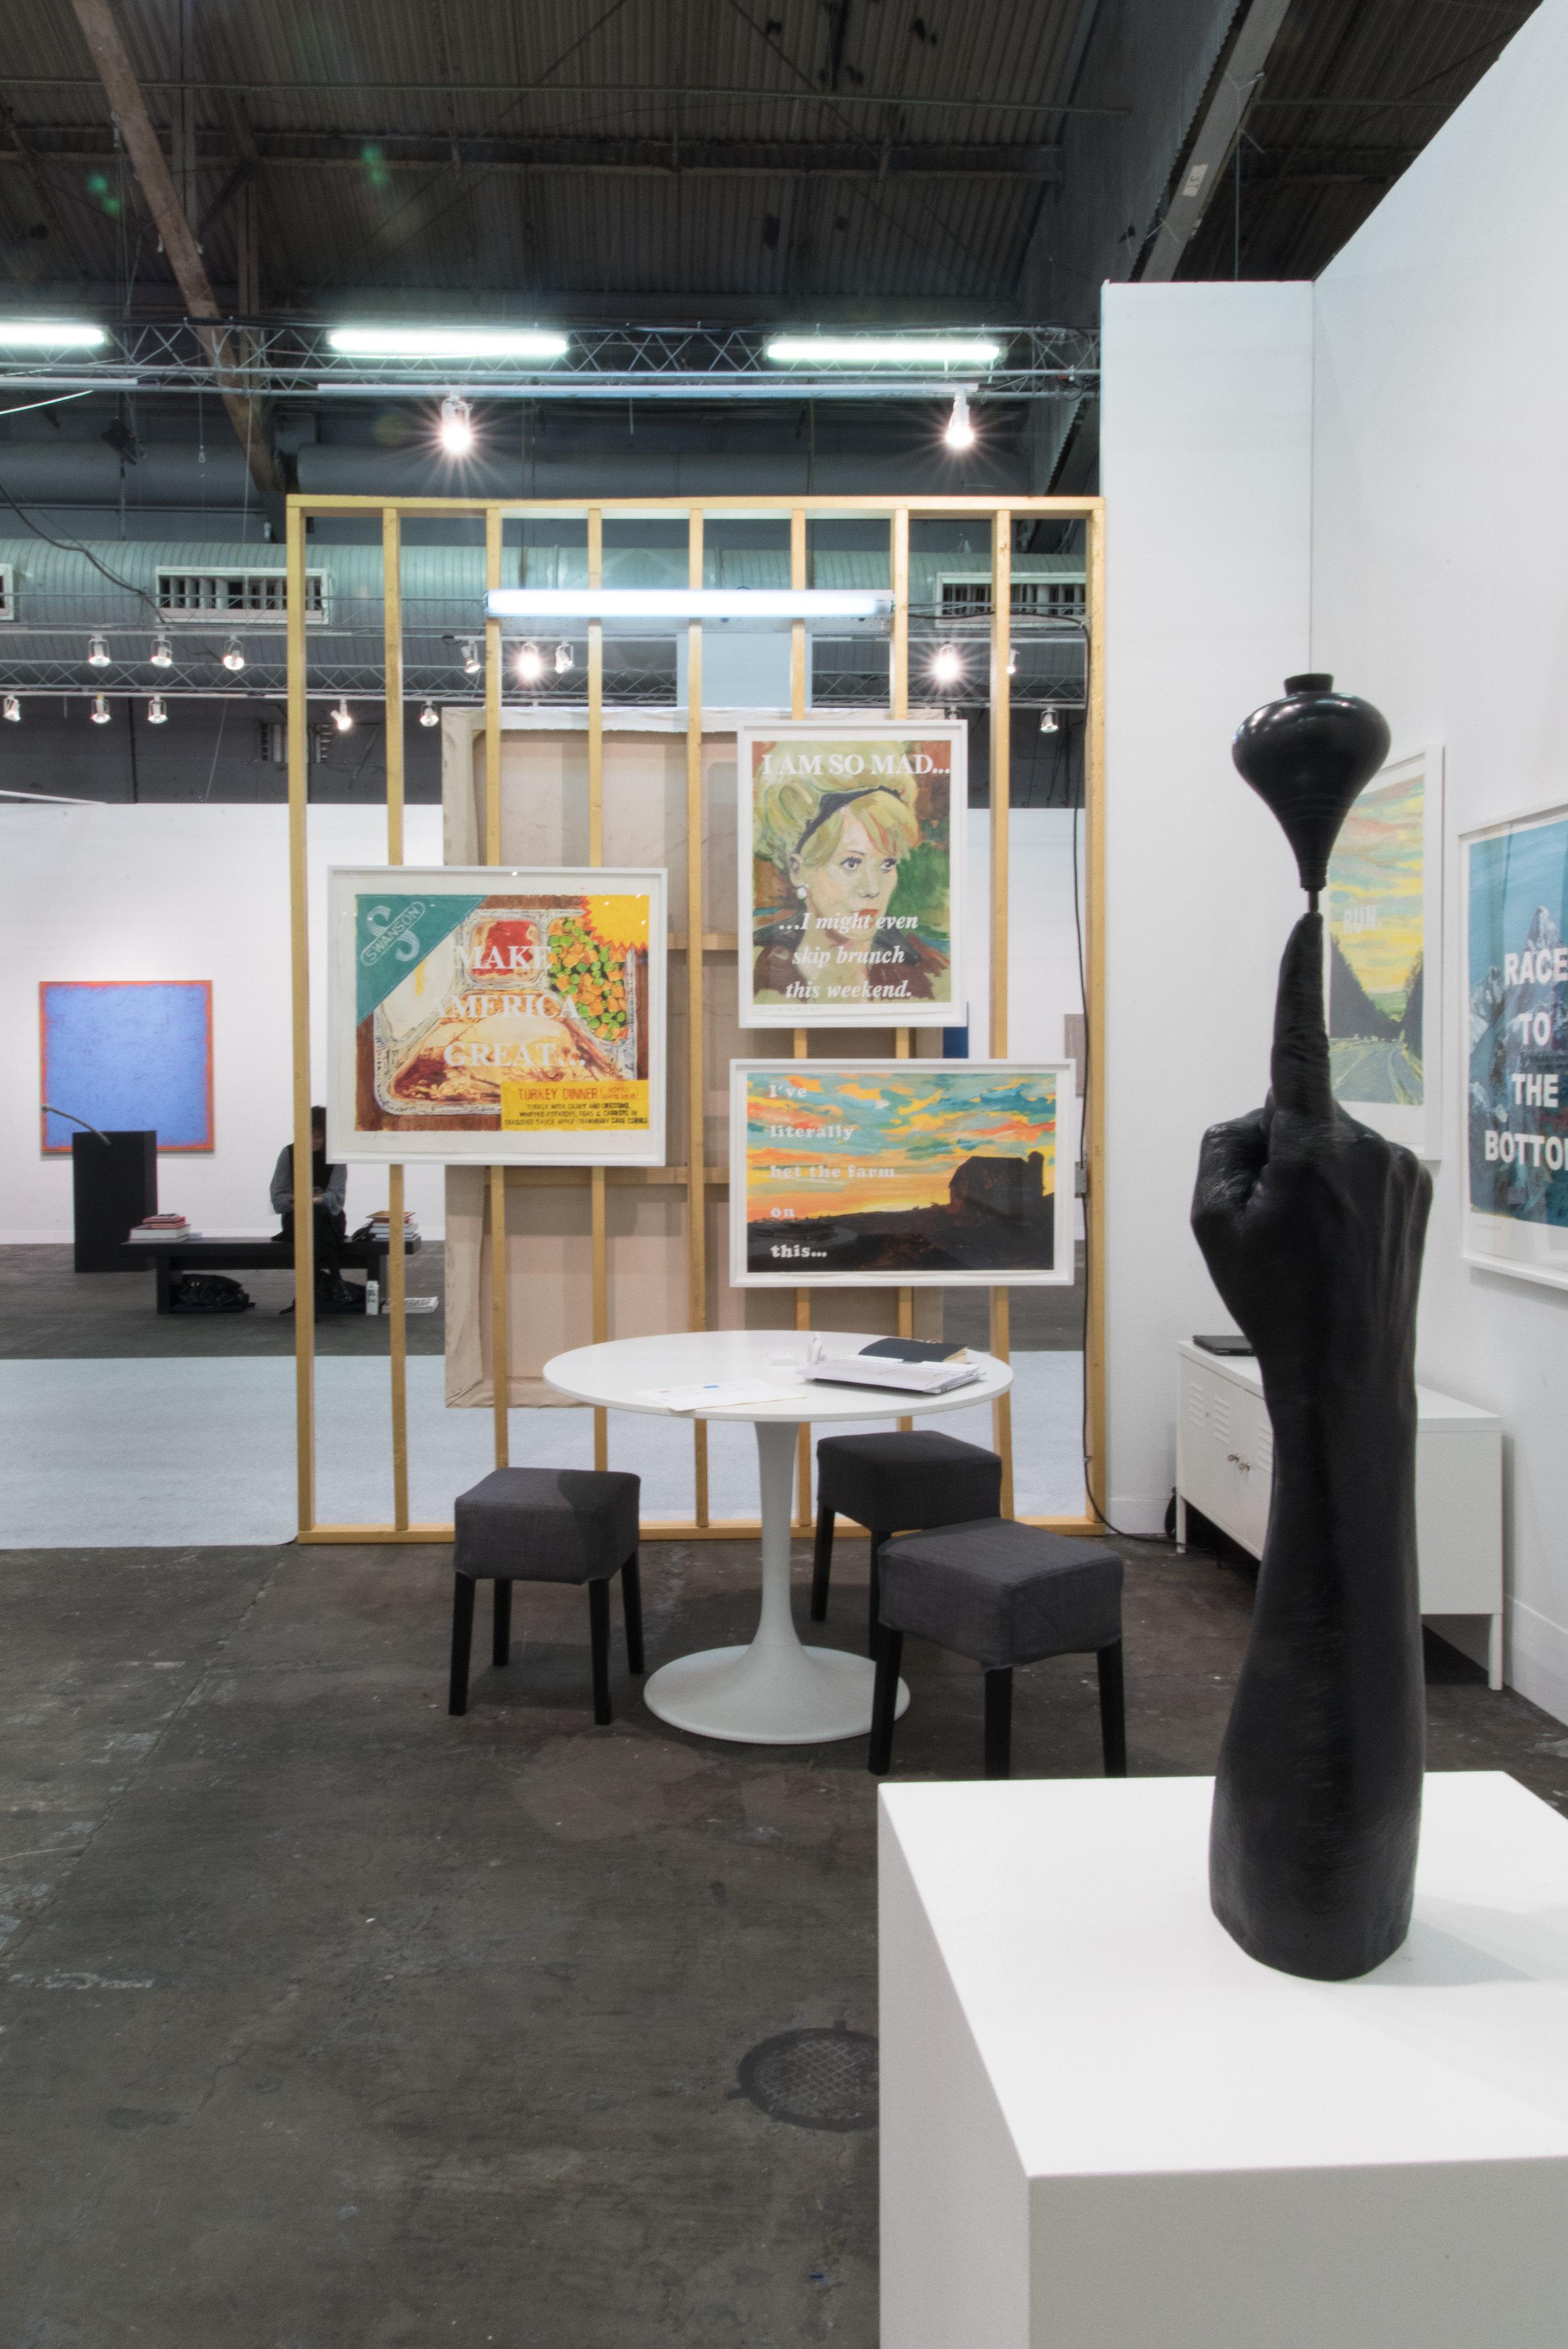 Fair view : Galerie Laurent Godin, Booth 719, March 2017  Front :  Gonzalo Lebrija,  Suspensive Condition , 2017 Bronze 54 x 9,8 x 9,8 cm